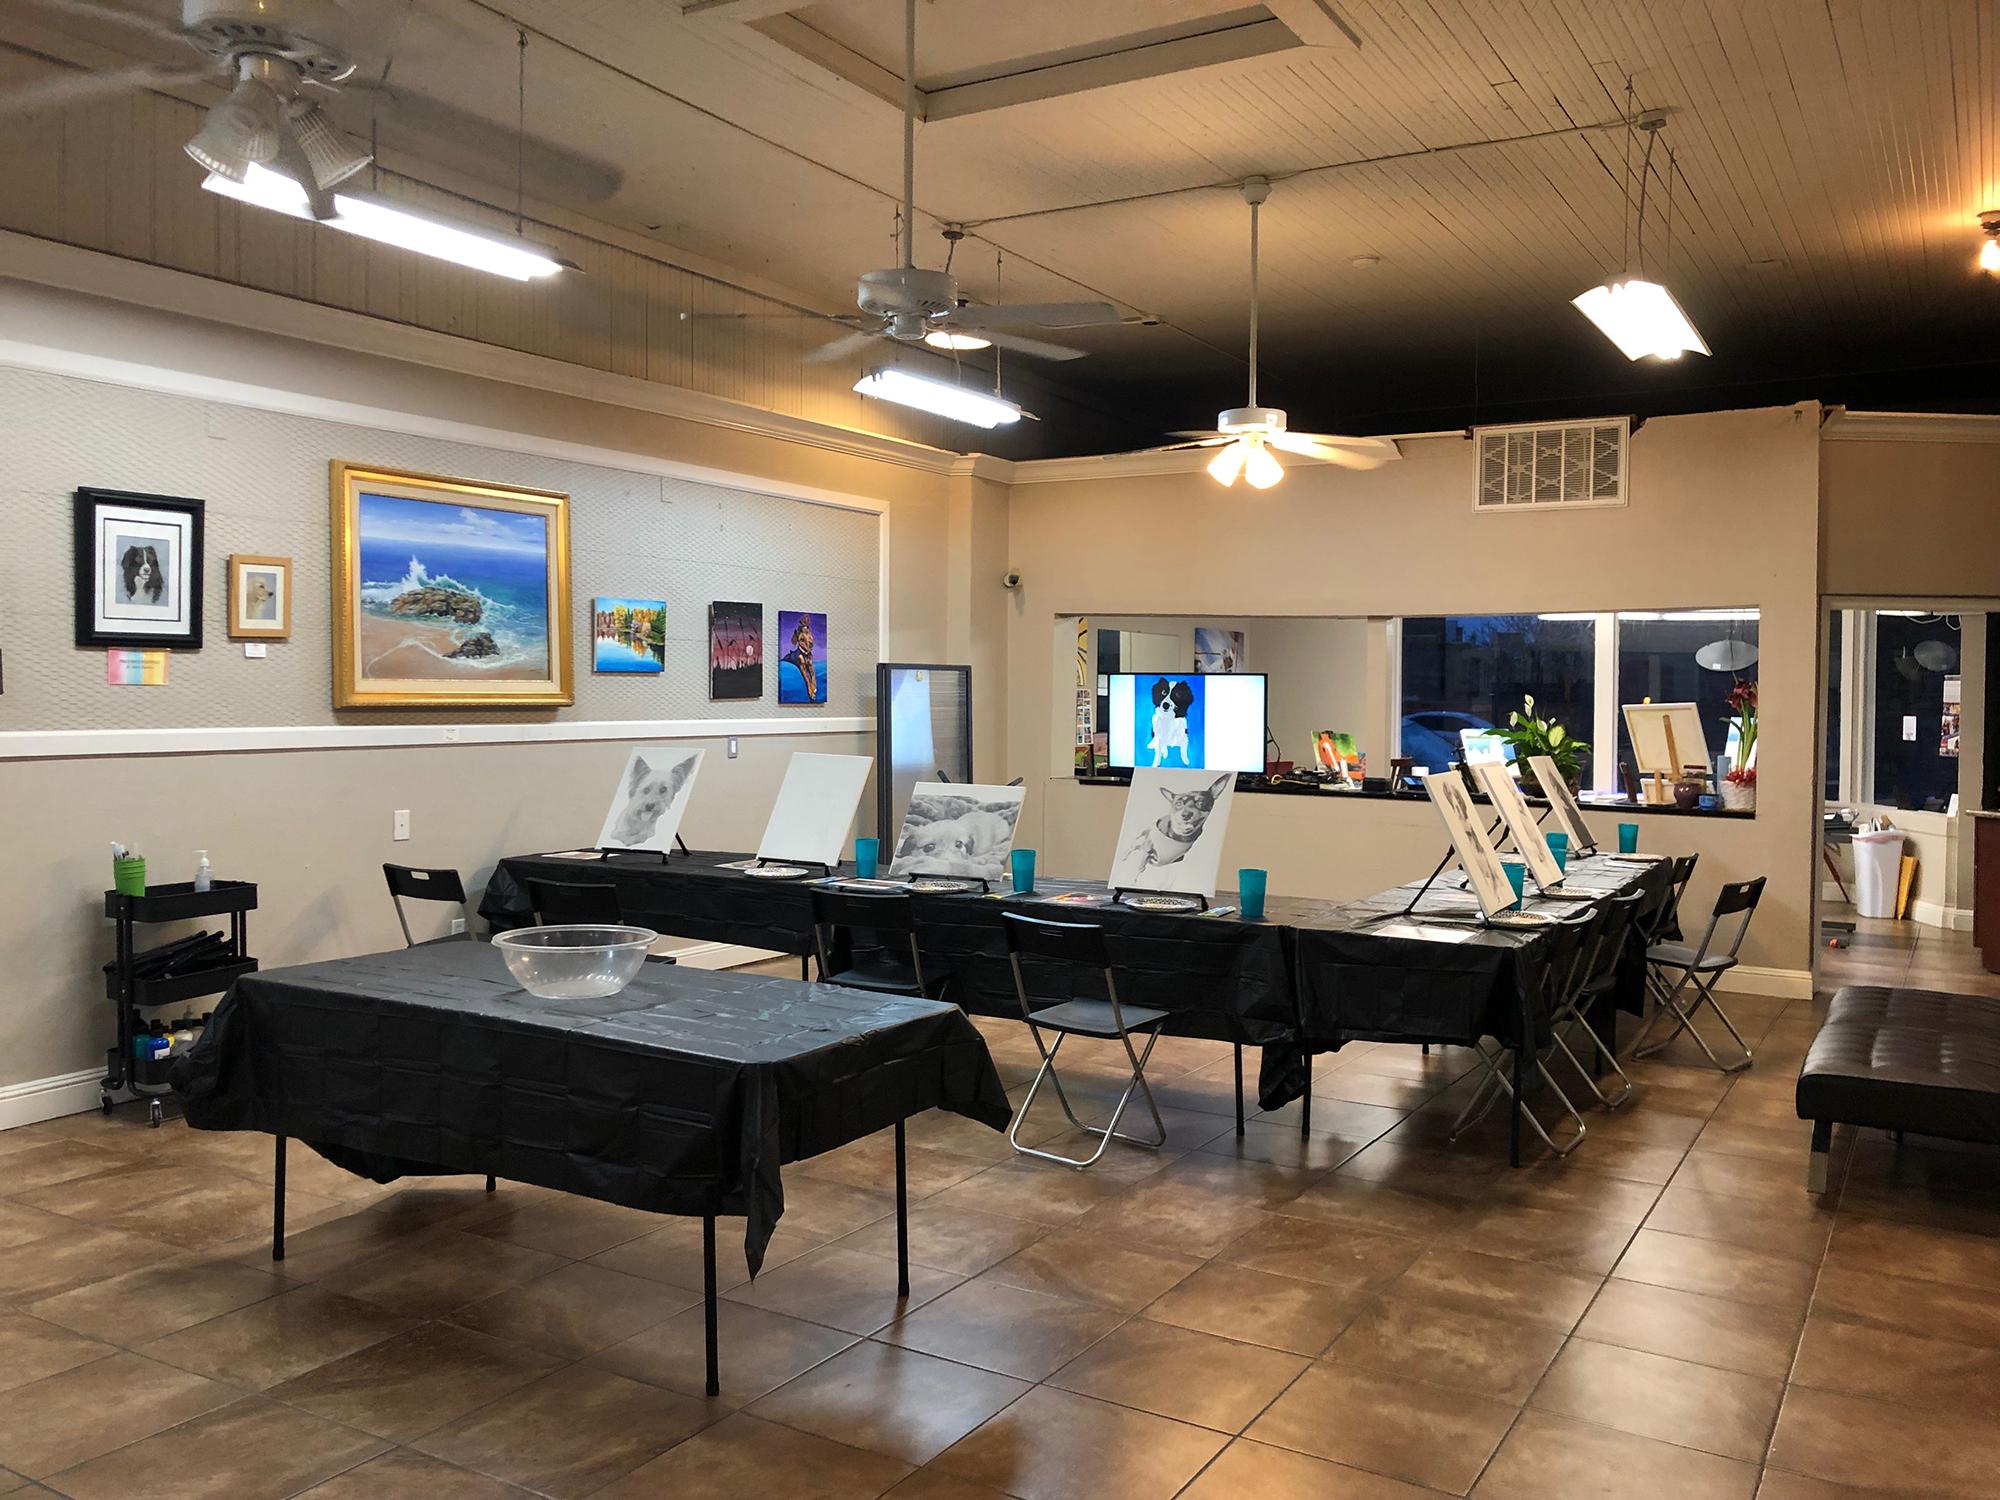 art-music-center-5.jpg